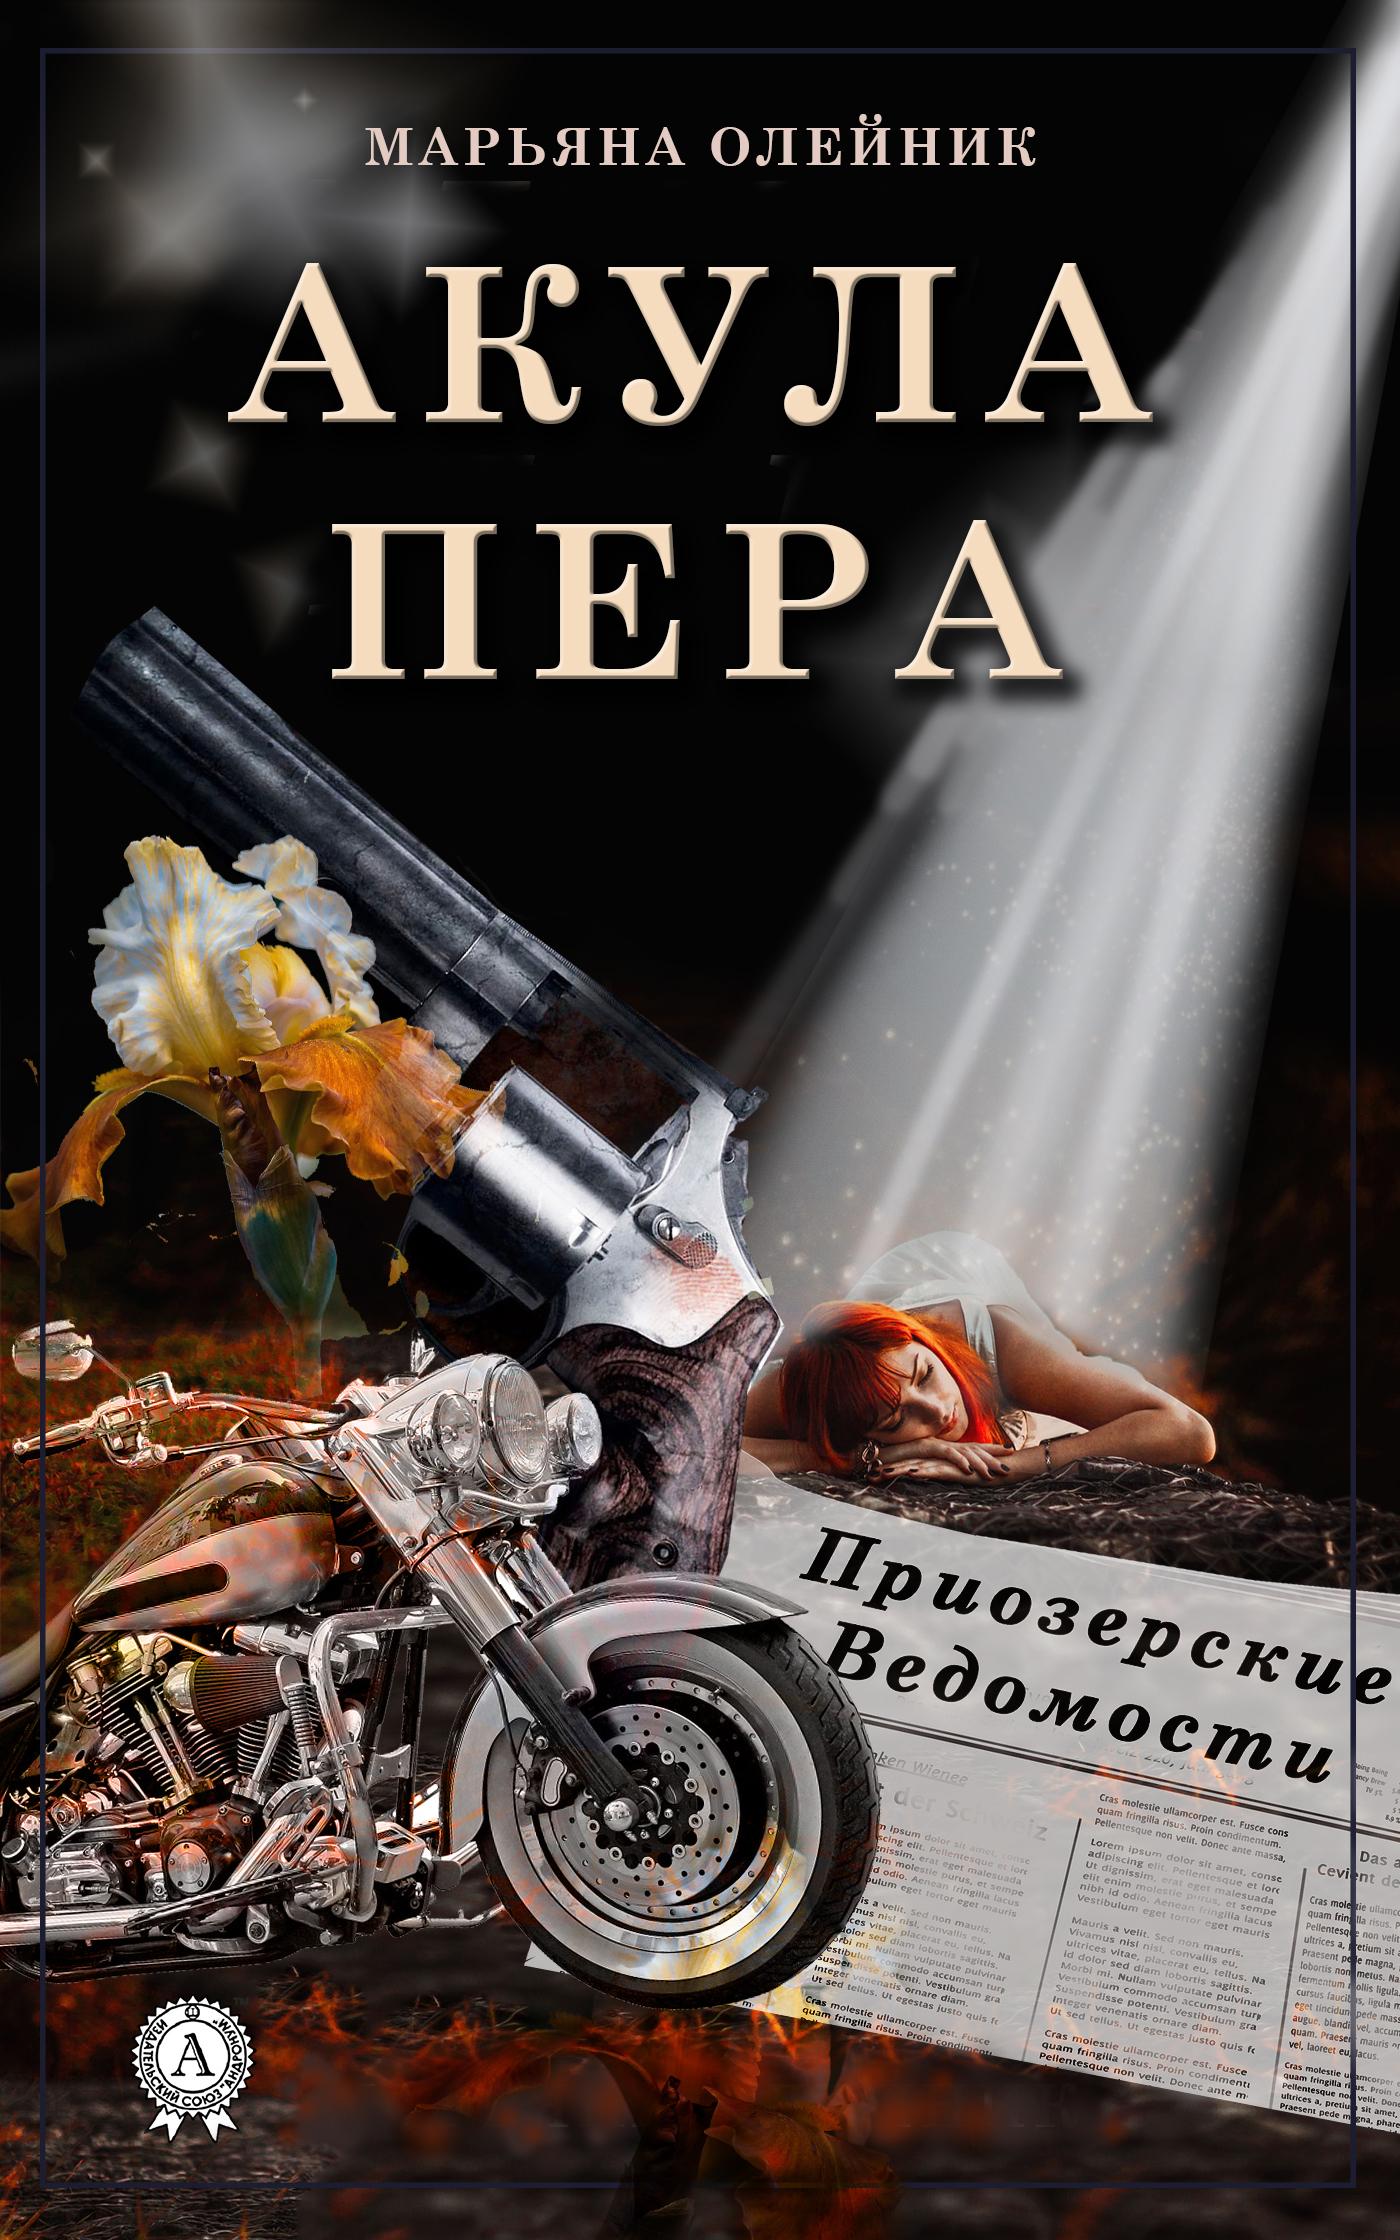 Марьяна Олейник Акула пера бизнес книги скачать fb2